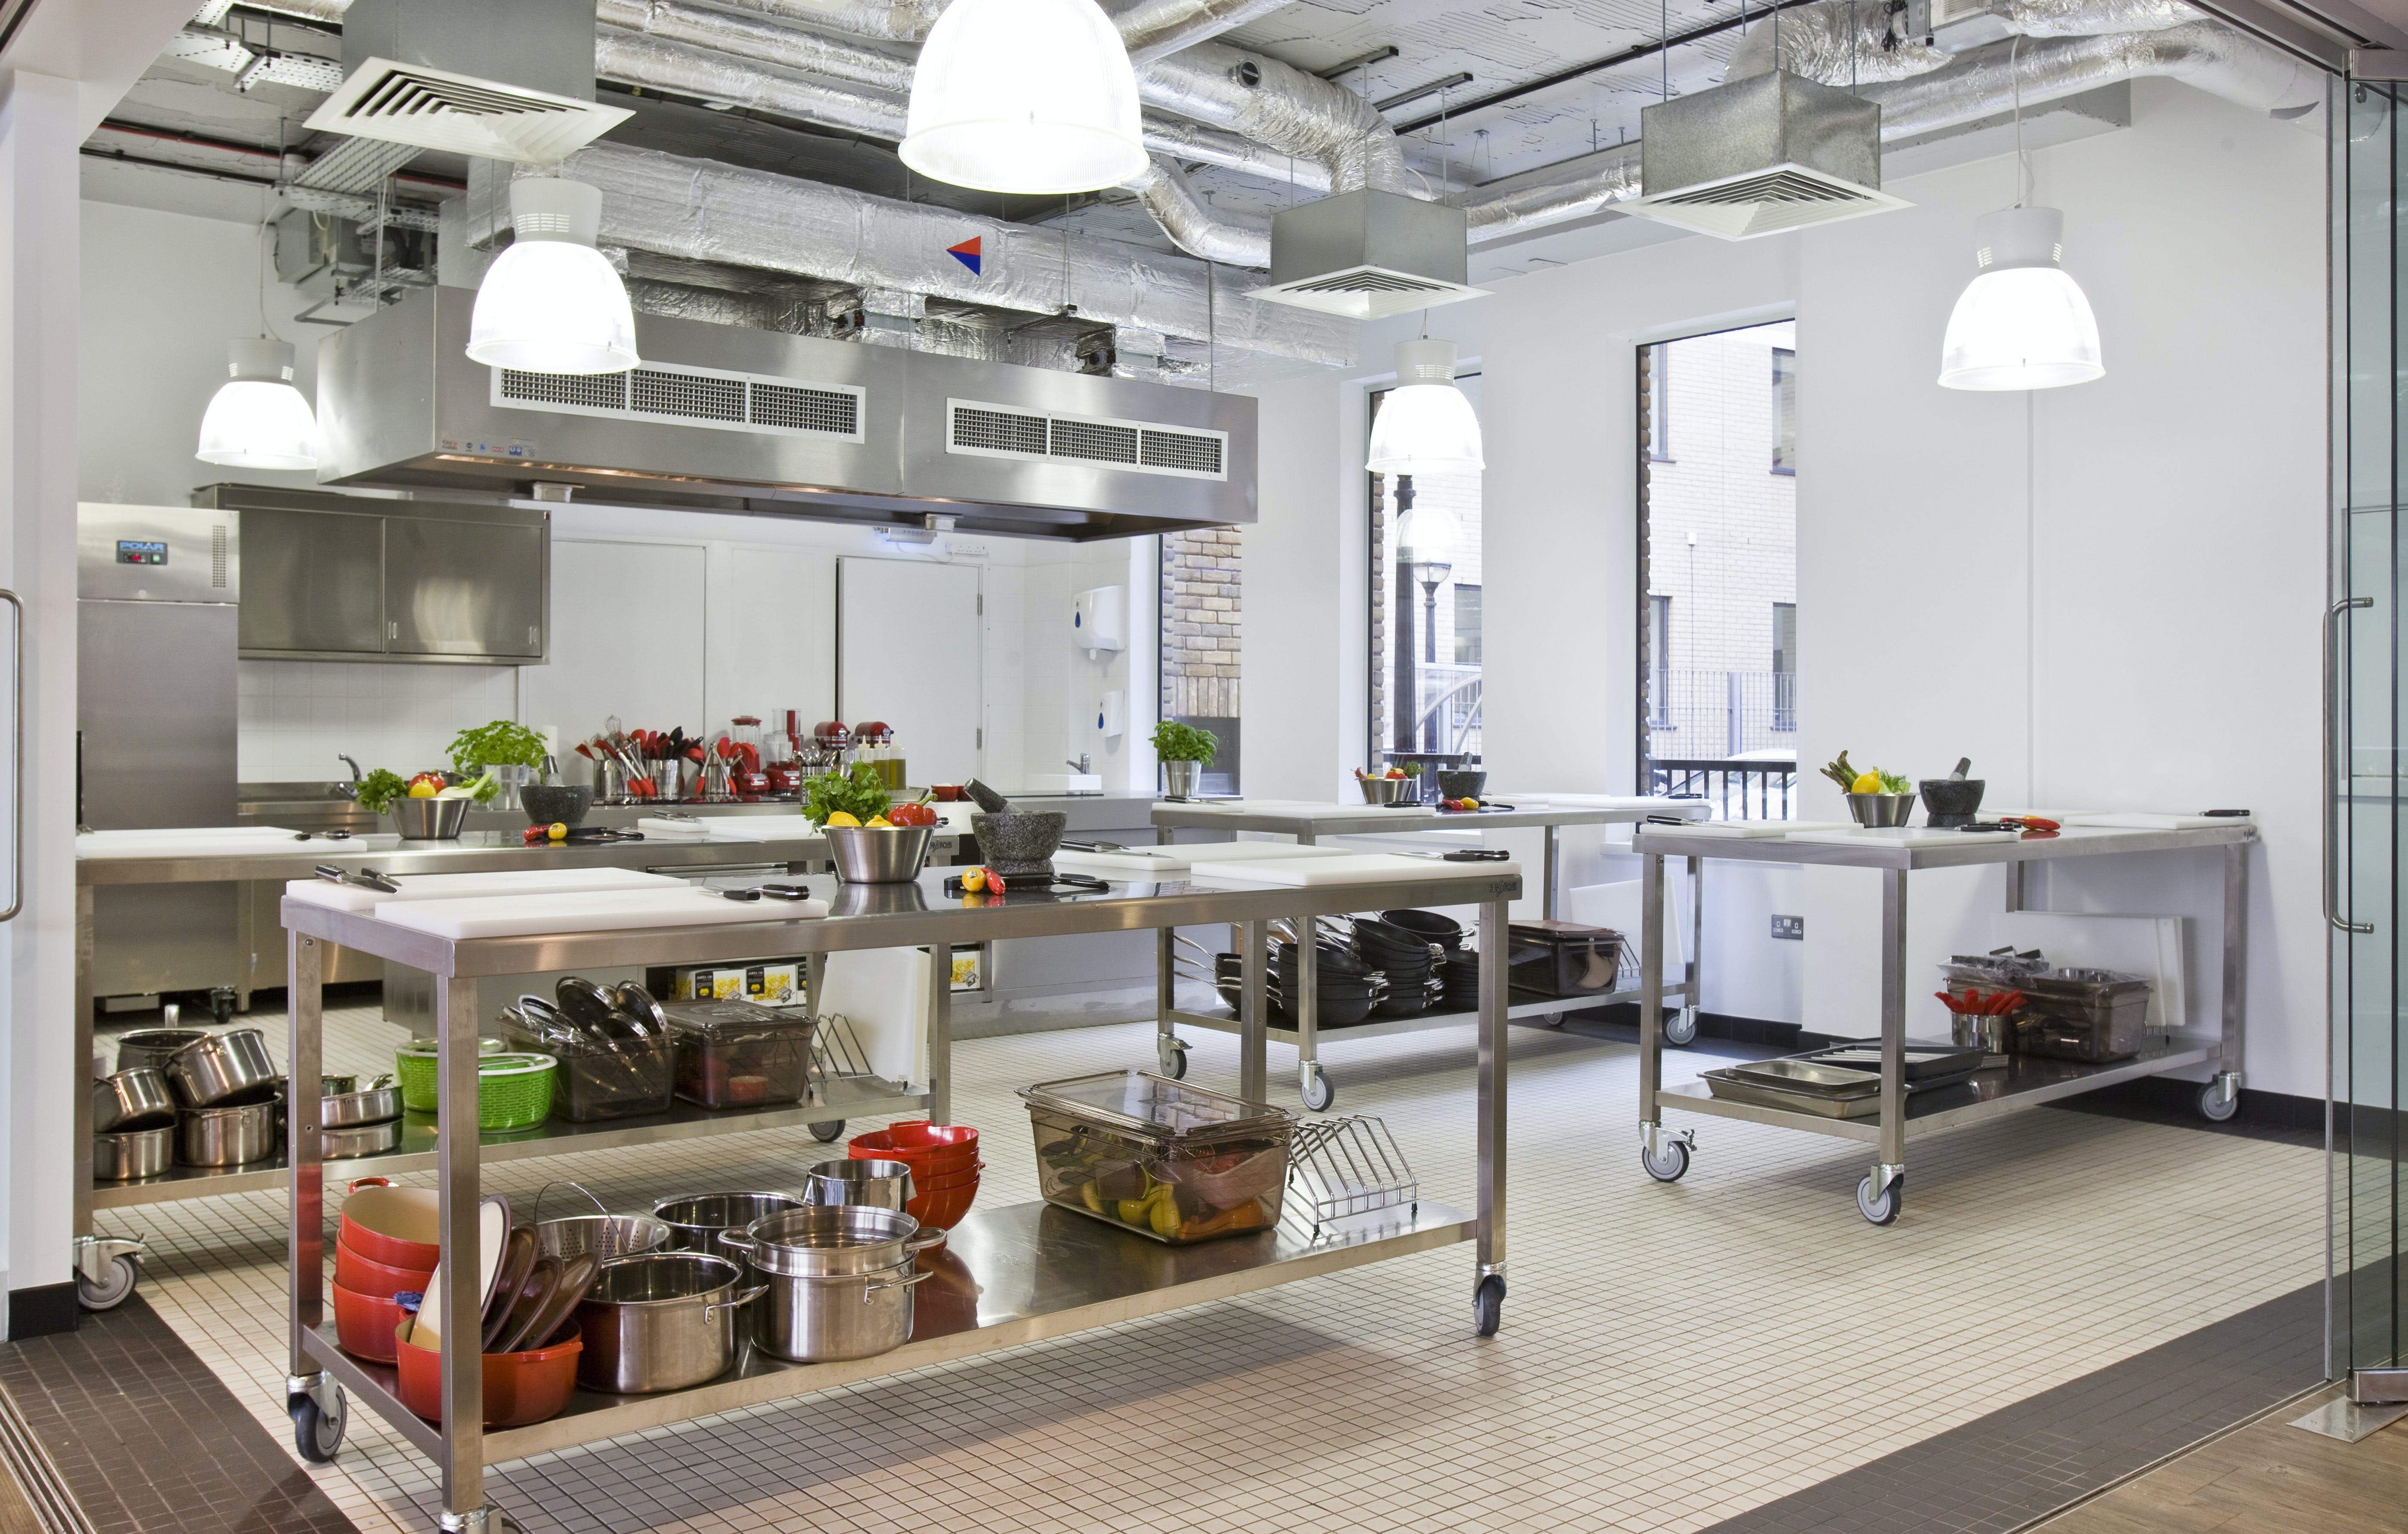 L'Atelier Des Chefs and St Paul